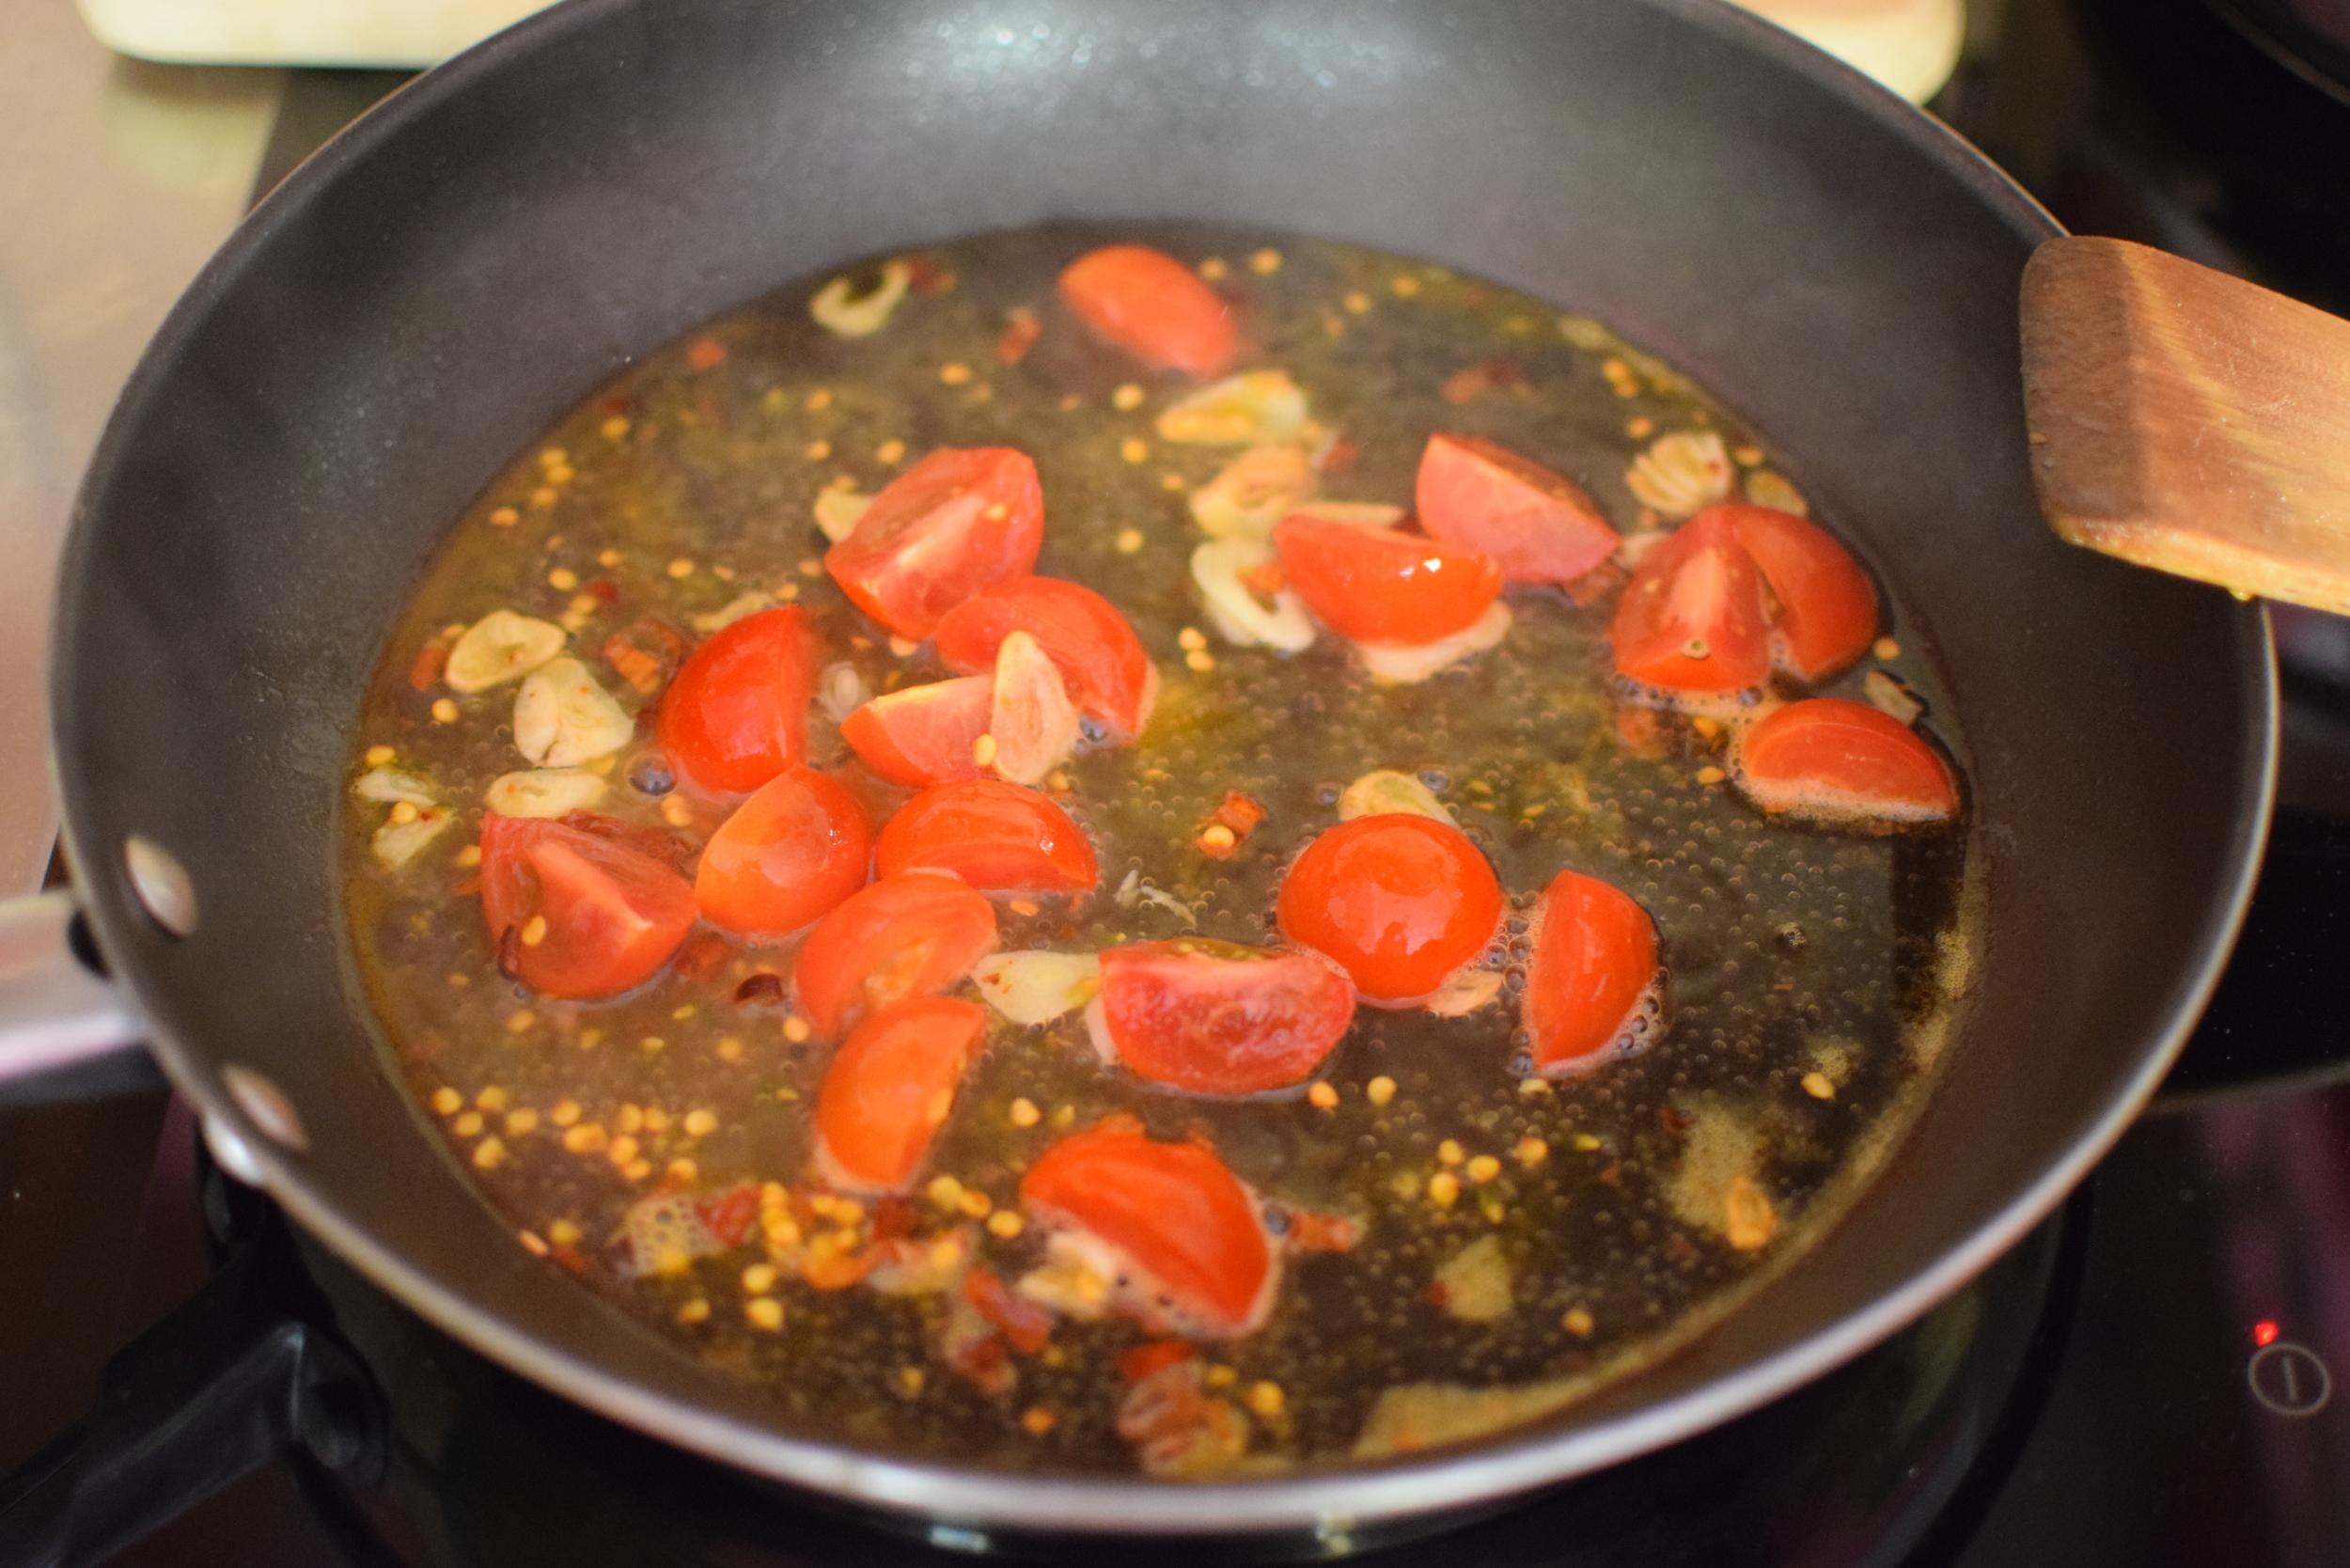 3. přidejte rajčata, pak ještě slávky a víno